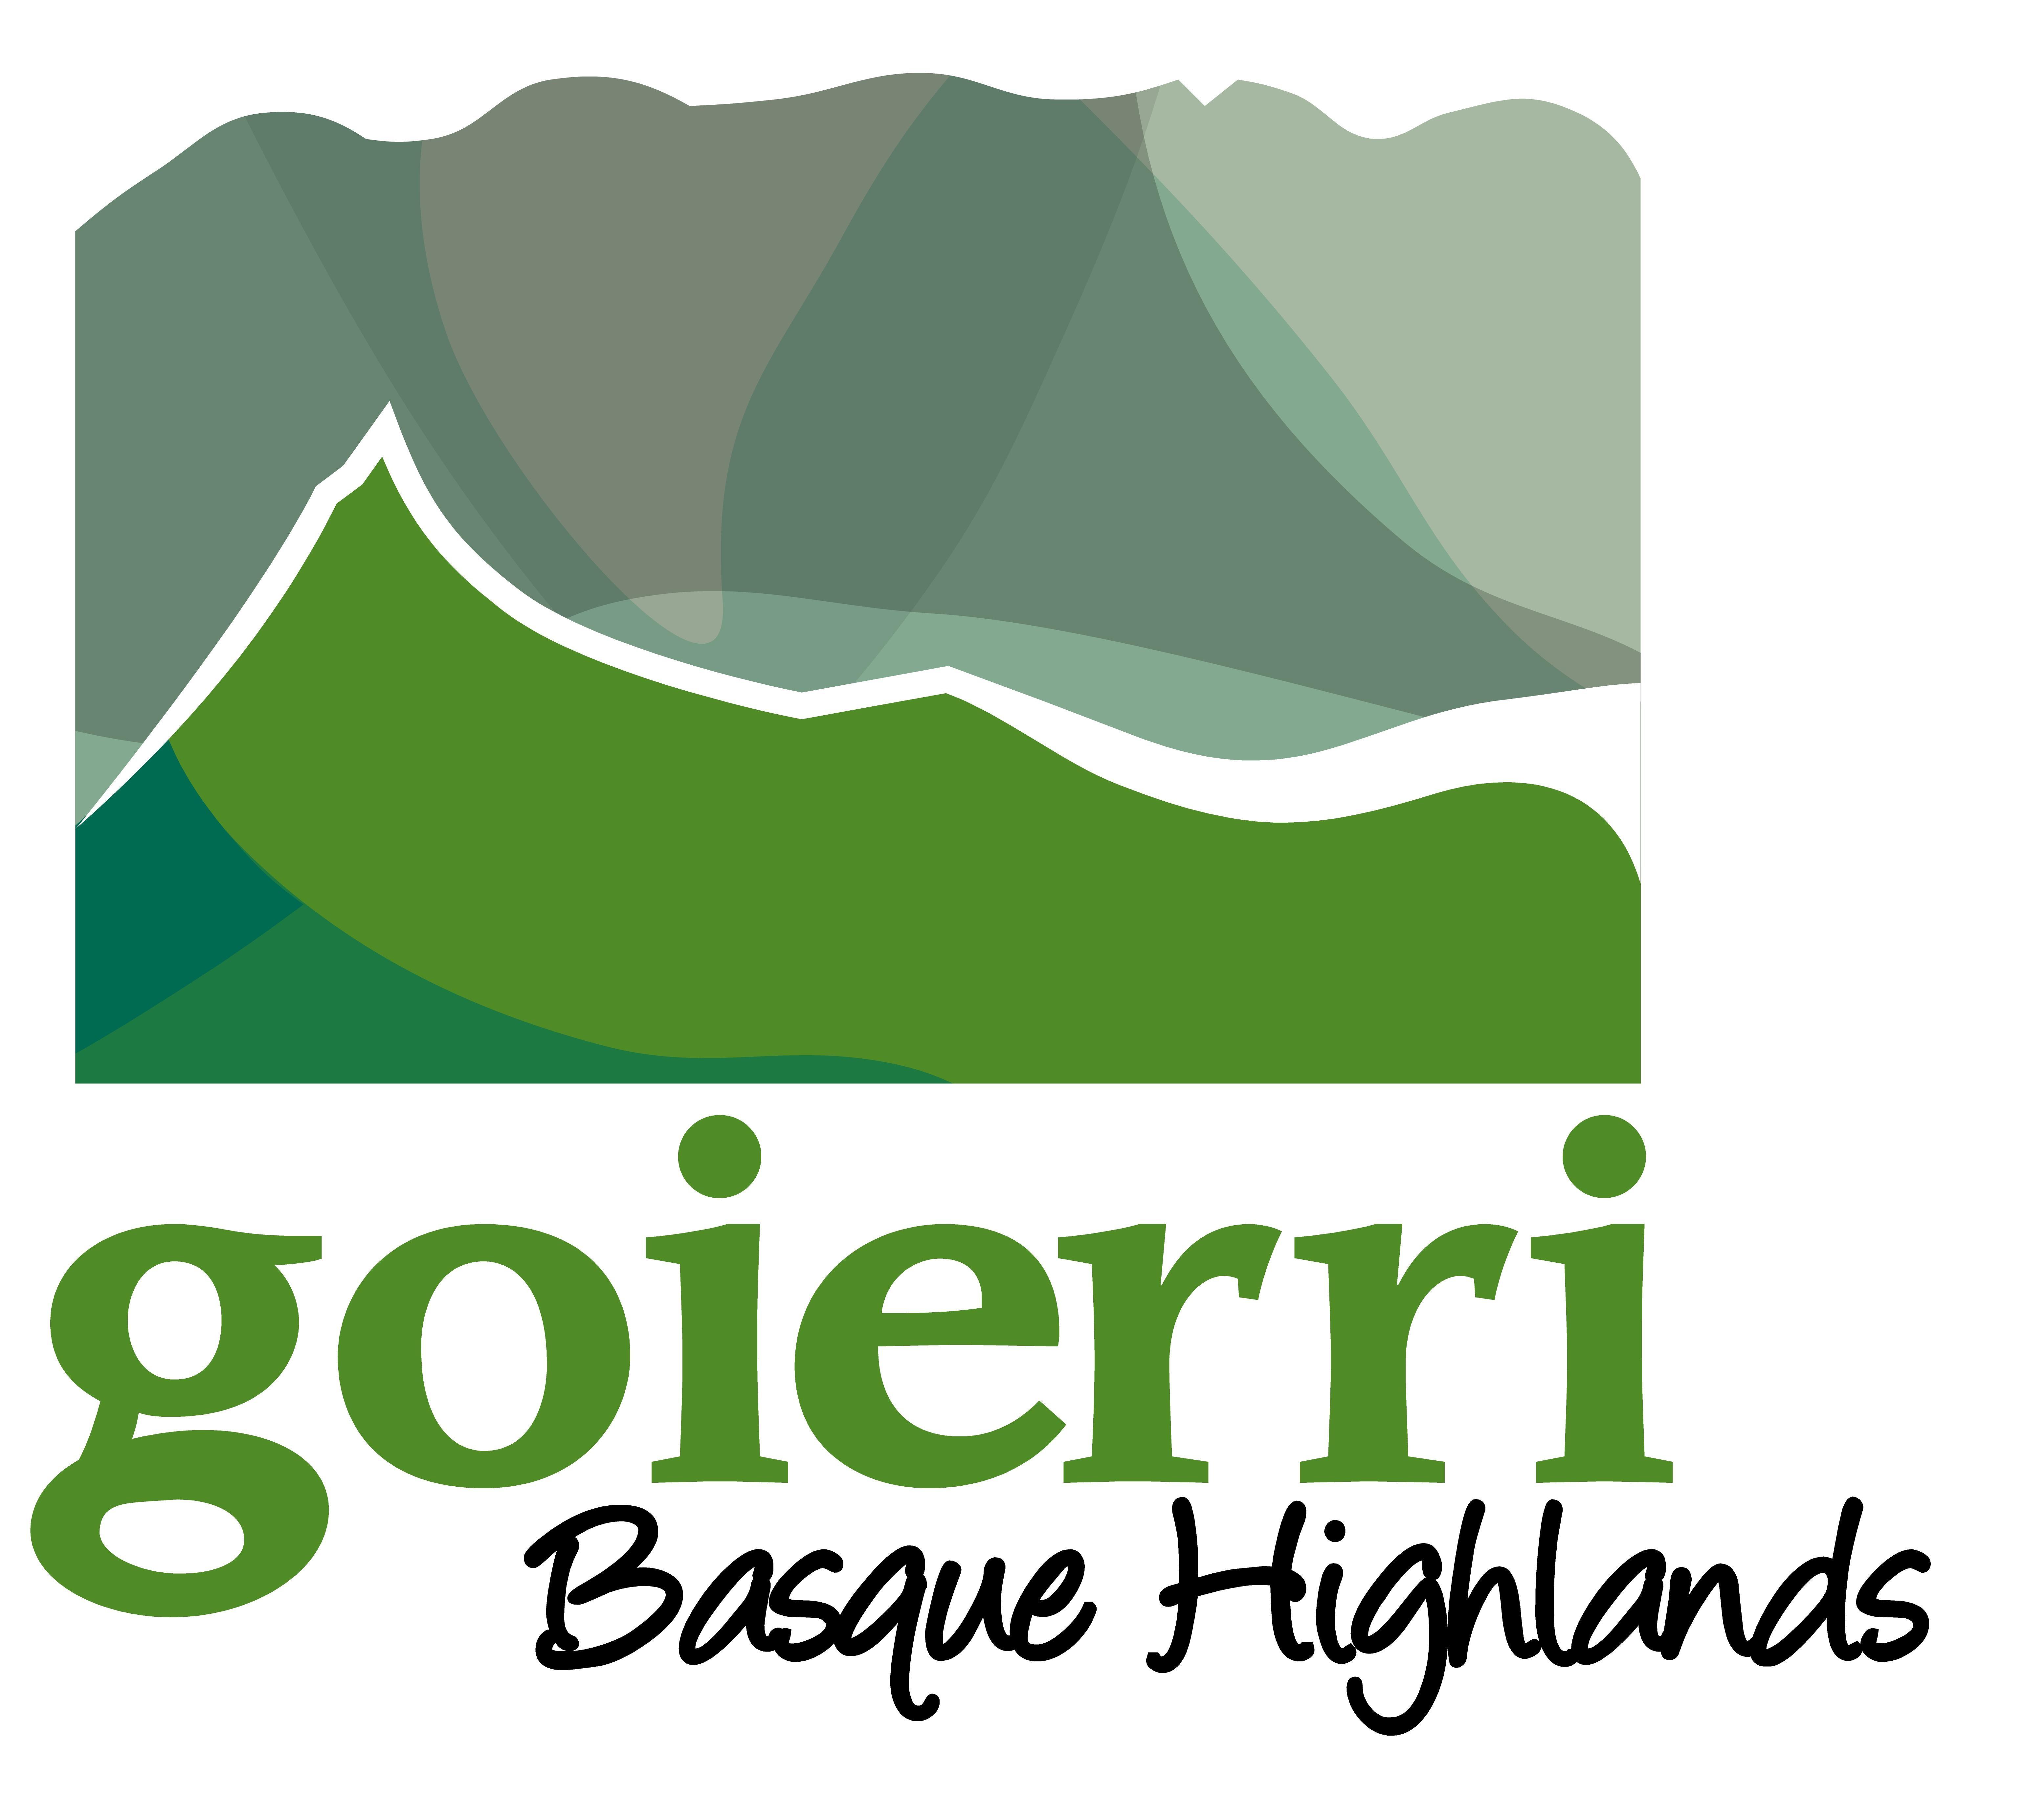 """Carreras de montaña y Medio Ambiente: """"GOIERRI, BASQUE HIGLANDS"""" Nueva marca guipuzcoana para desarrollo natural sostenible, creciendo de la mano."""